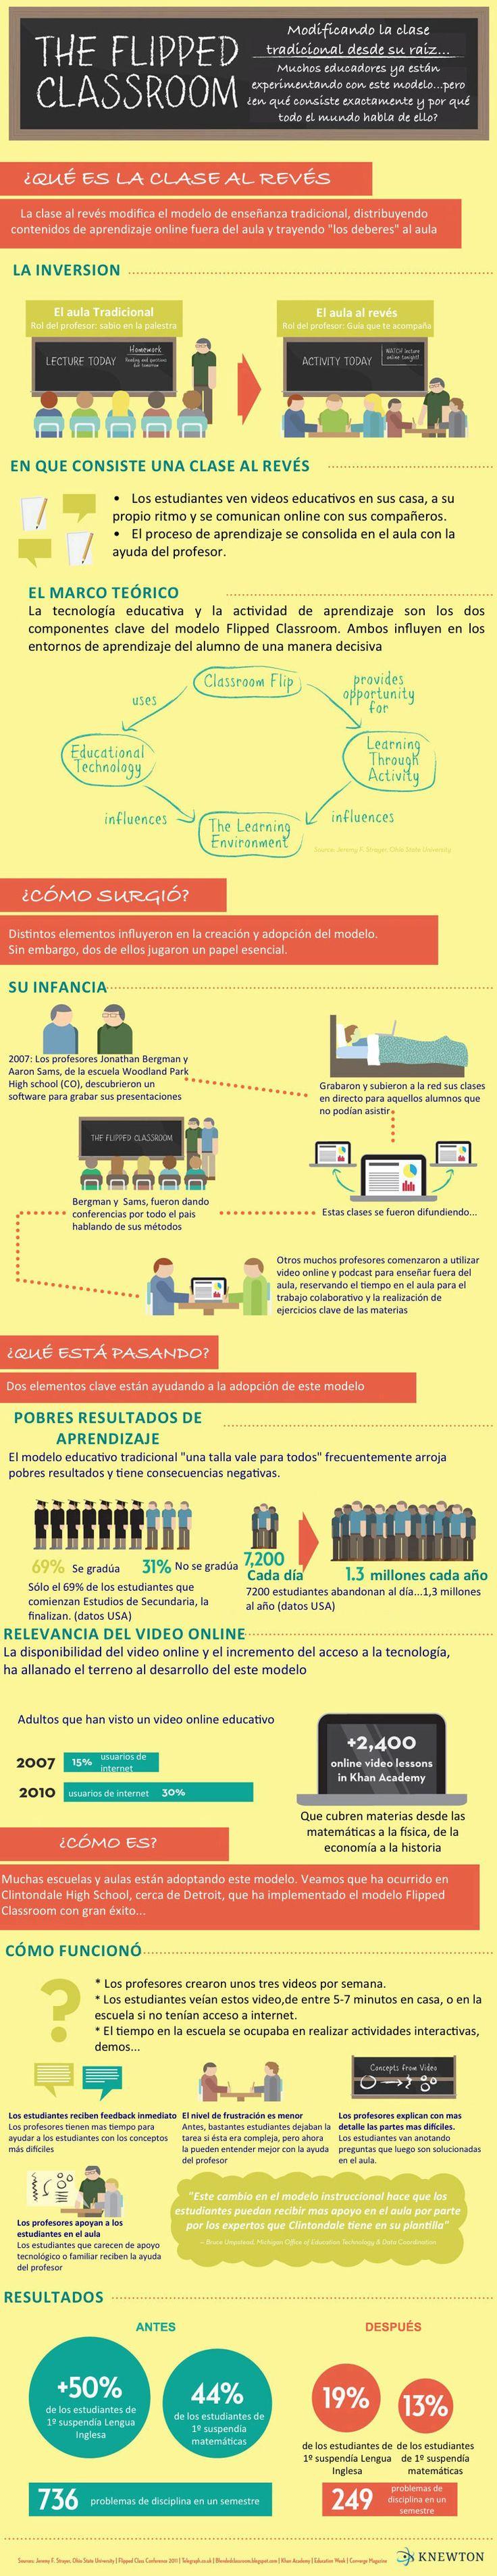 Infografía The Flipped Classroom. Explicación de este método de enseñanza traducido al español. What is the flipped classroom